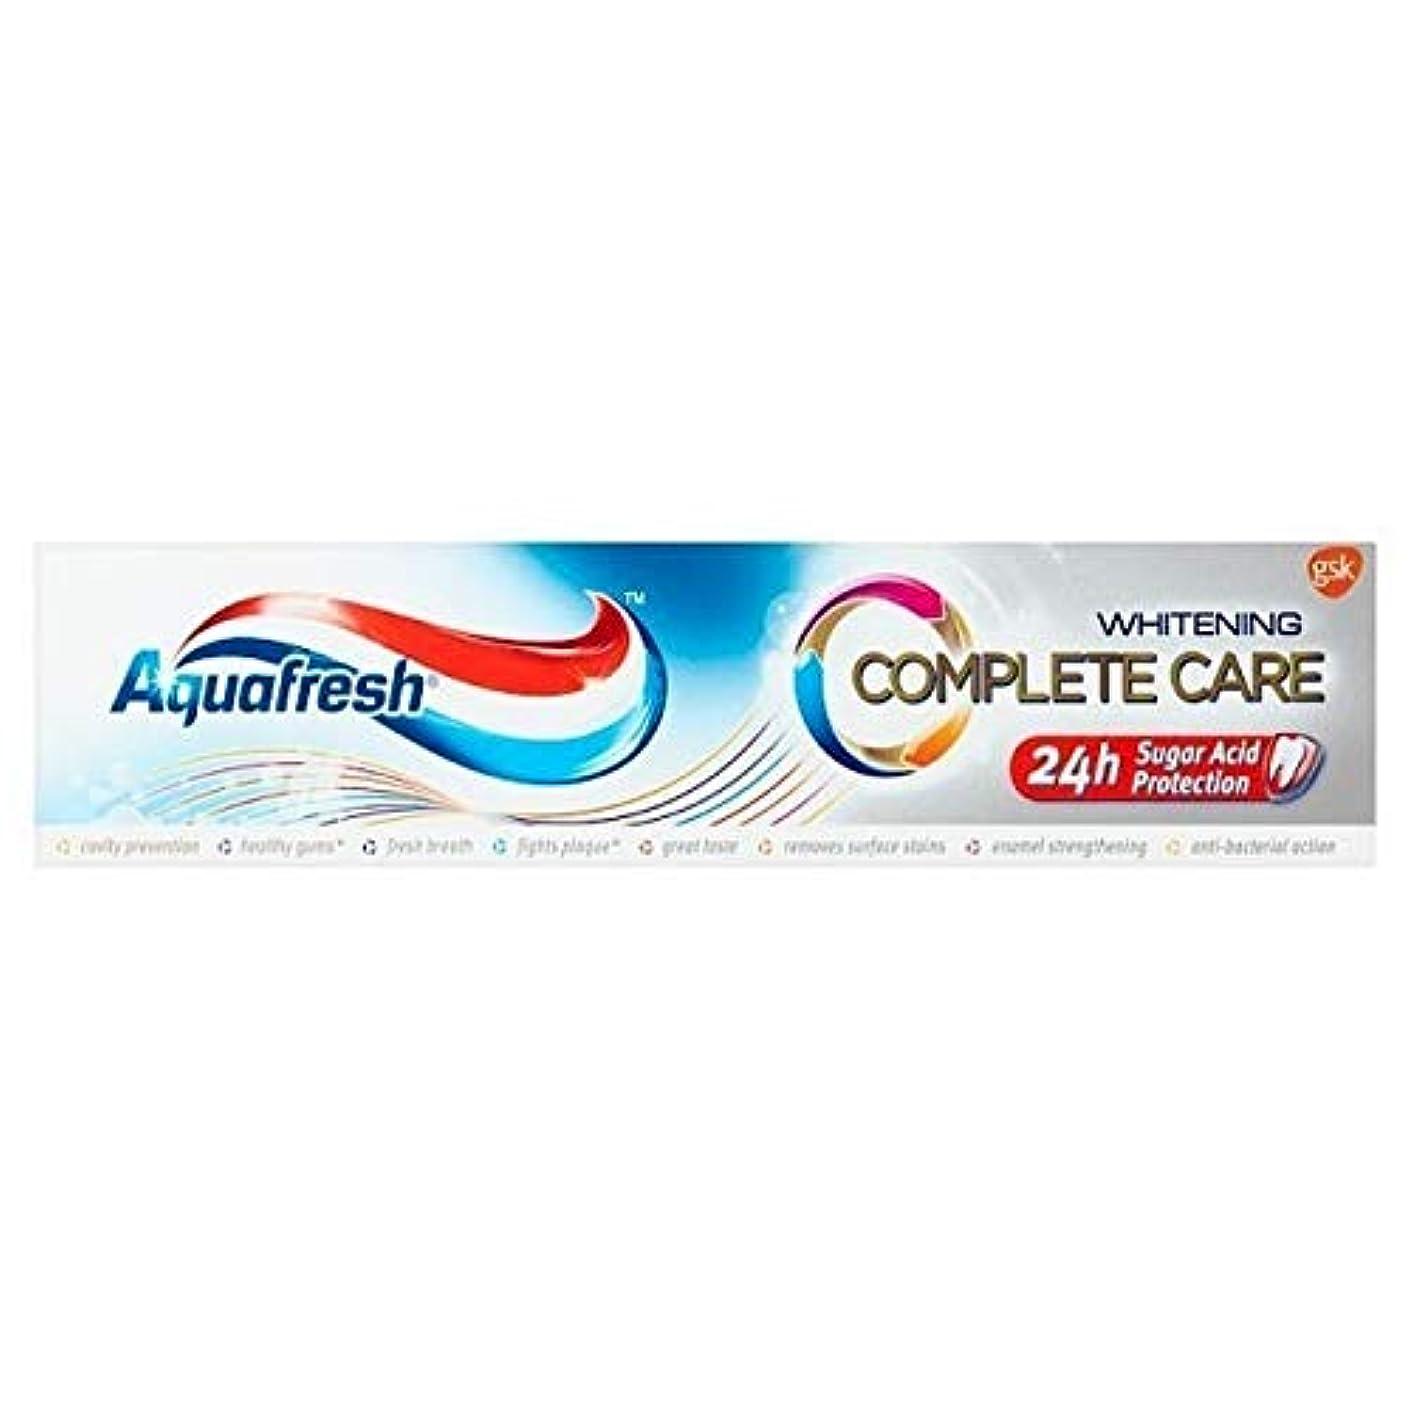 隔離する田舎者考案する[Aquafresh ] アクアフレッシュ完全なケア美白100ミリリットル - Aquafresh Complete Care Whitening 100ml [並行輸入品]